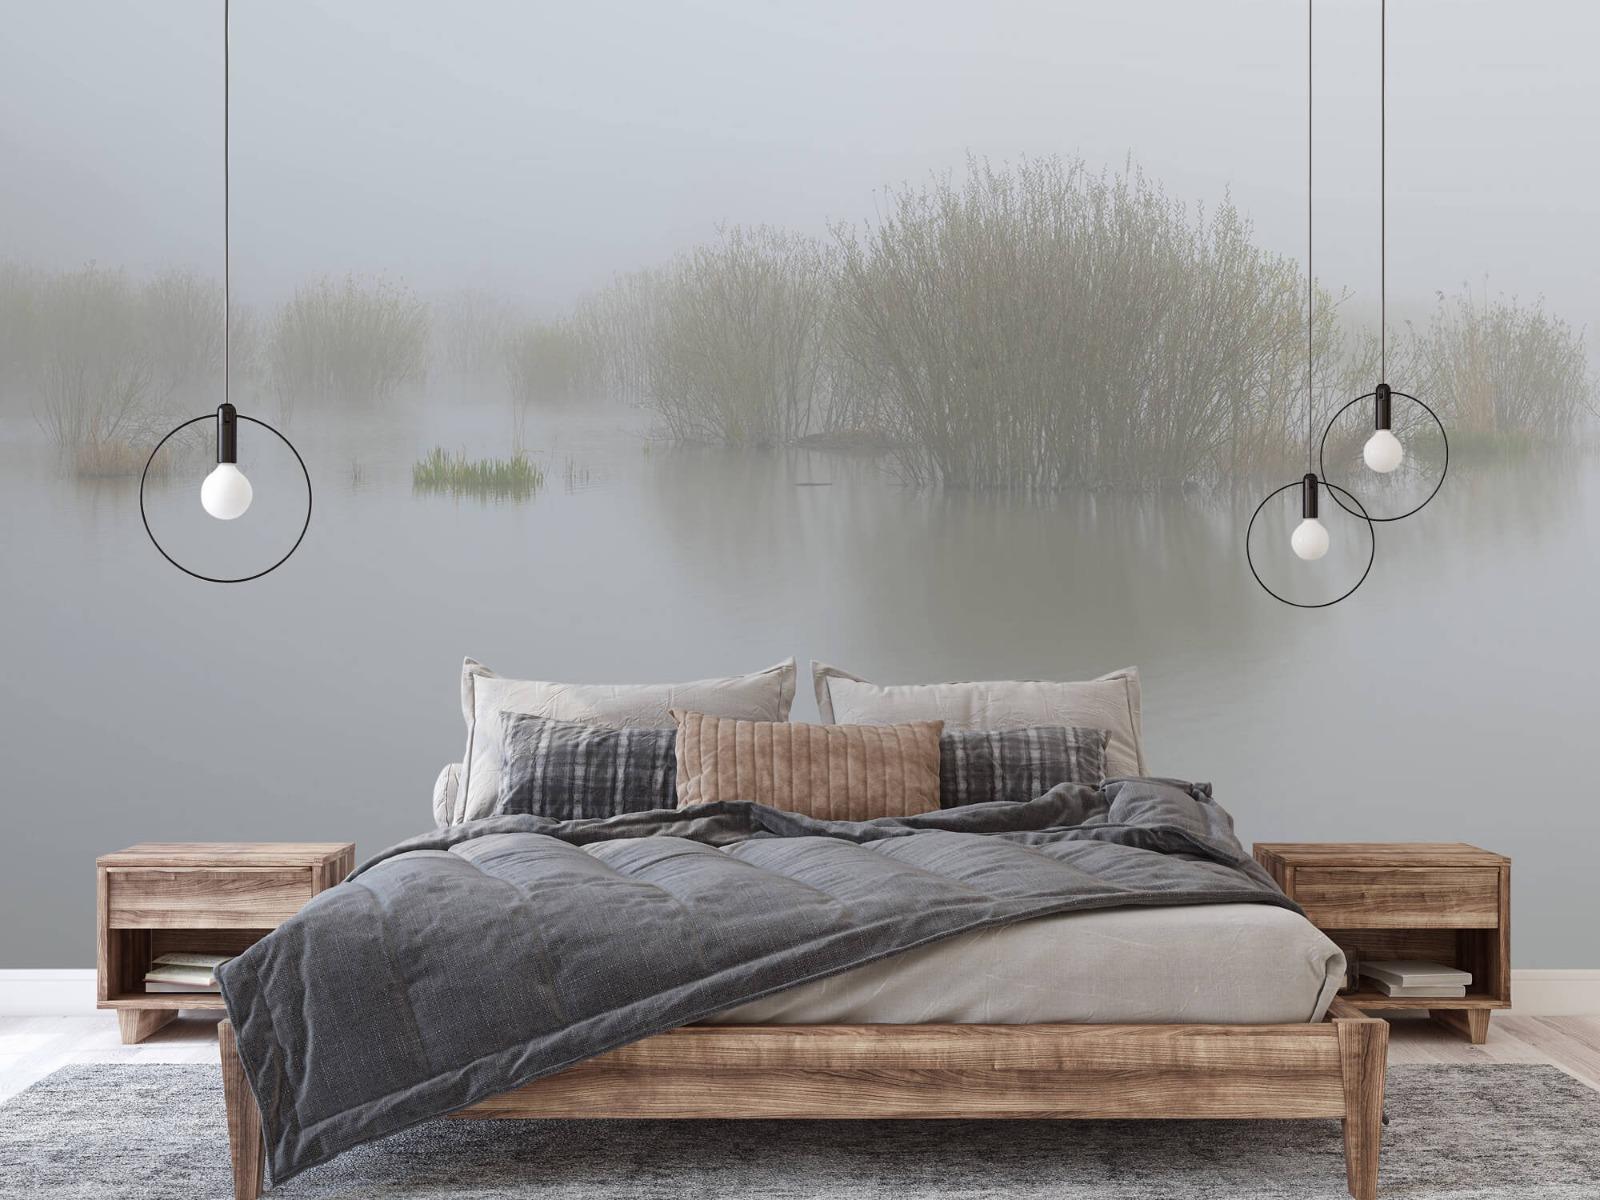 Landschap - Mist in natuurgebied - Slaapkamer 2